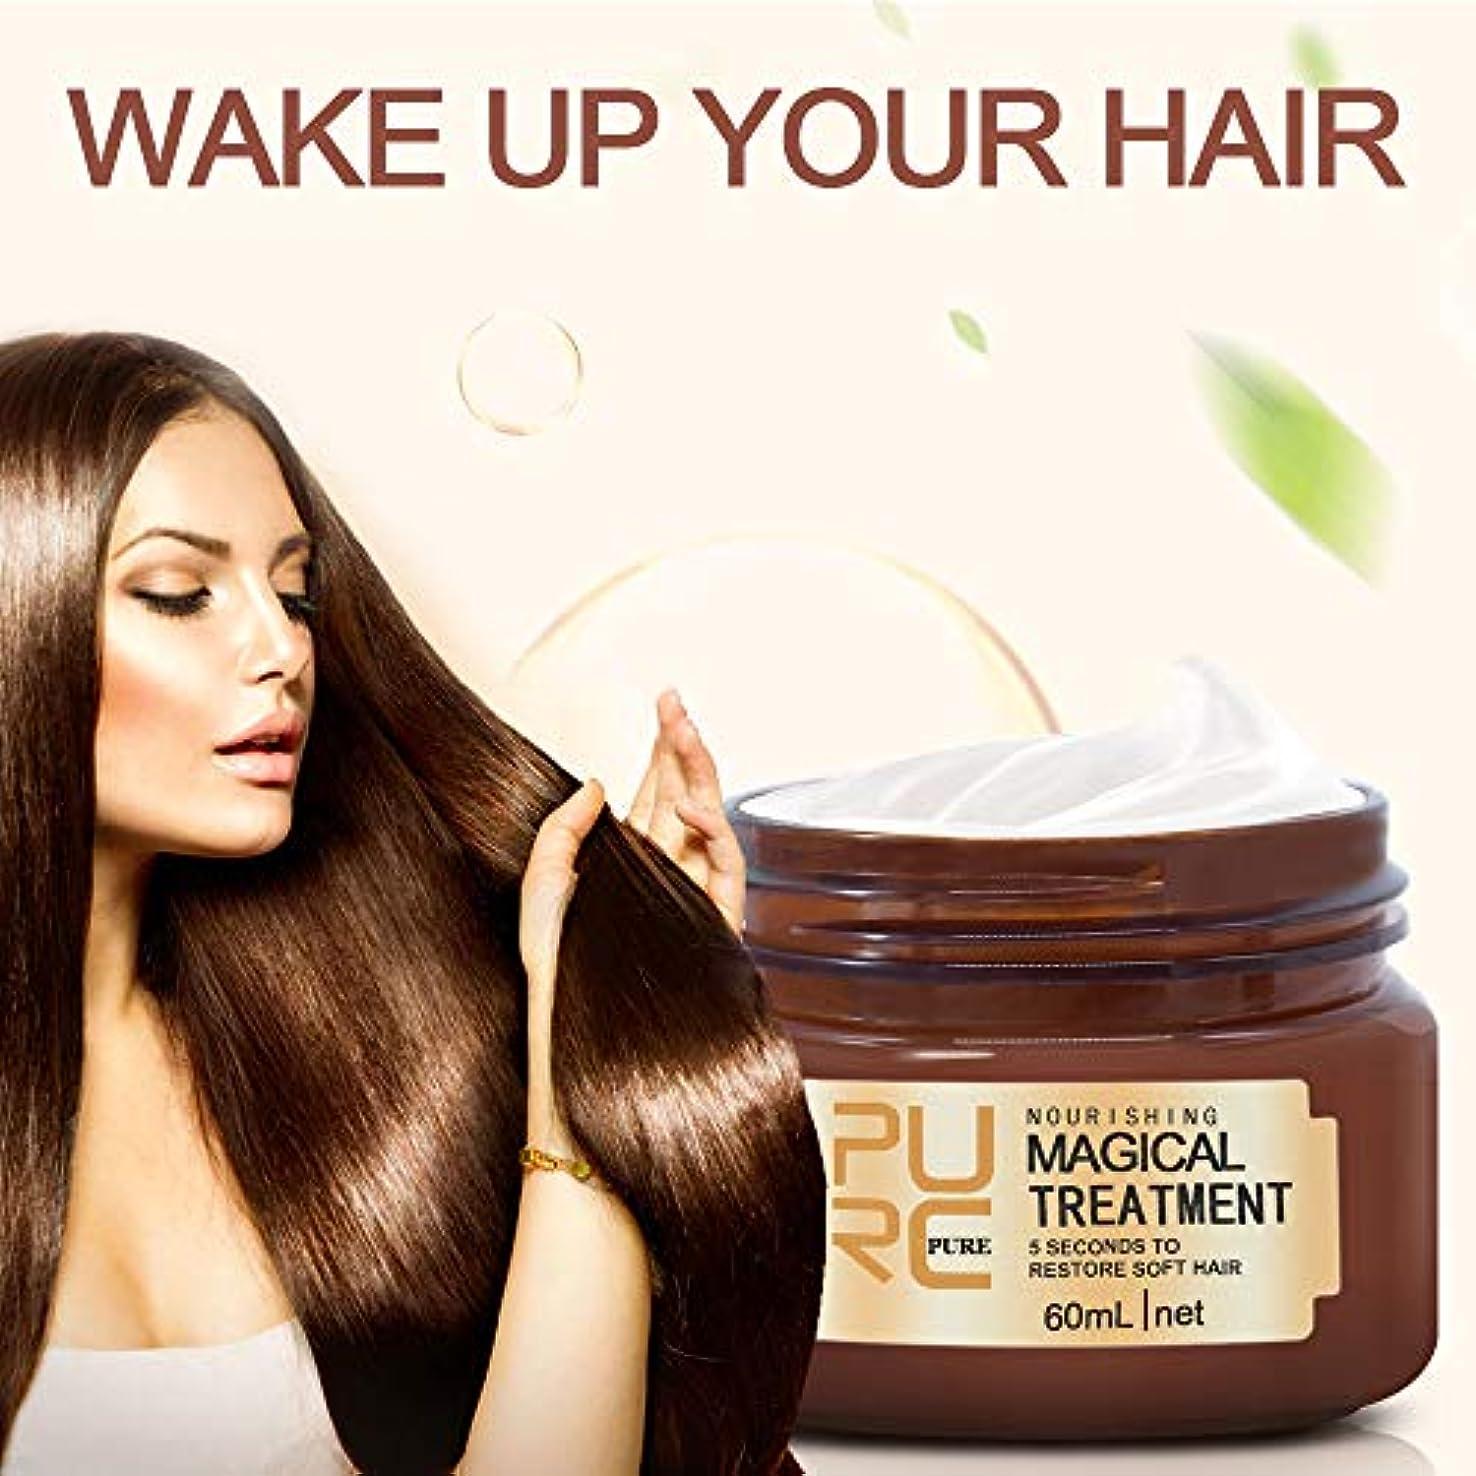 真剣に月曜日ソートヘアマスク ヘアケア トリートメント リンス髪の美容 髪に潤いを与え 乾きを直す 髪の毛が柔順である